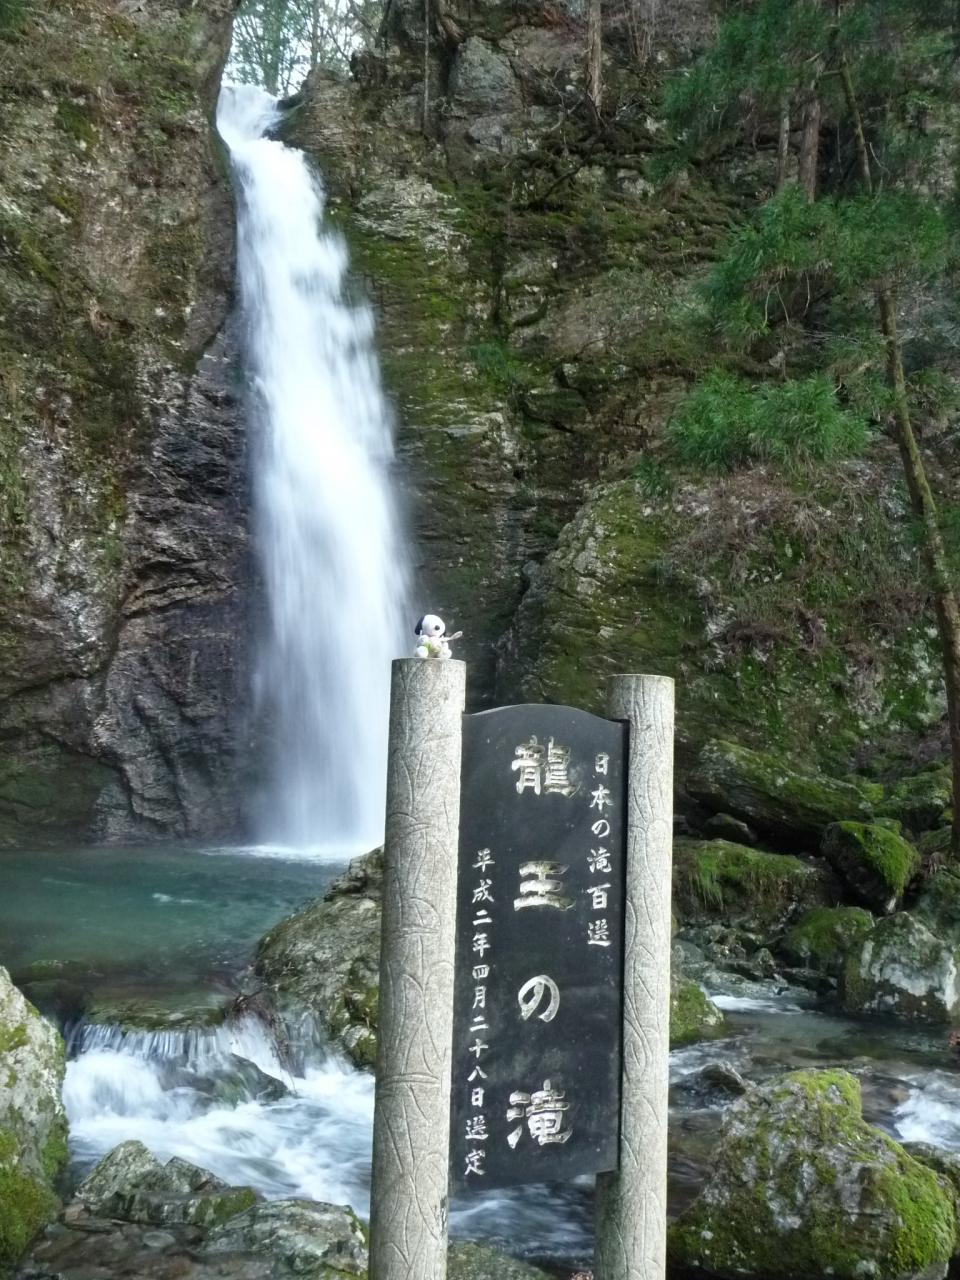 龍王の滝のクチコミ(1ページ)